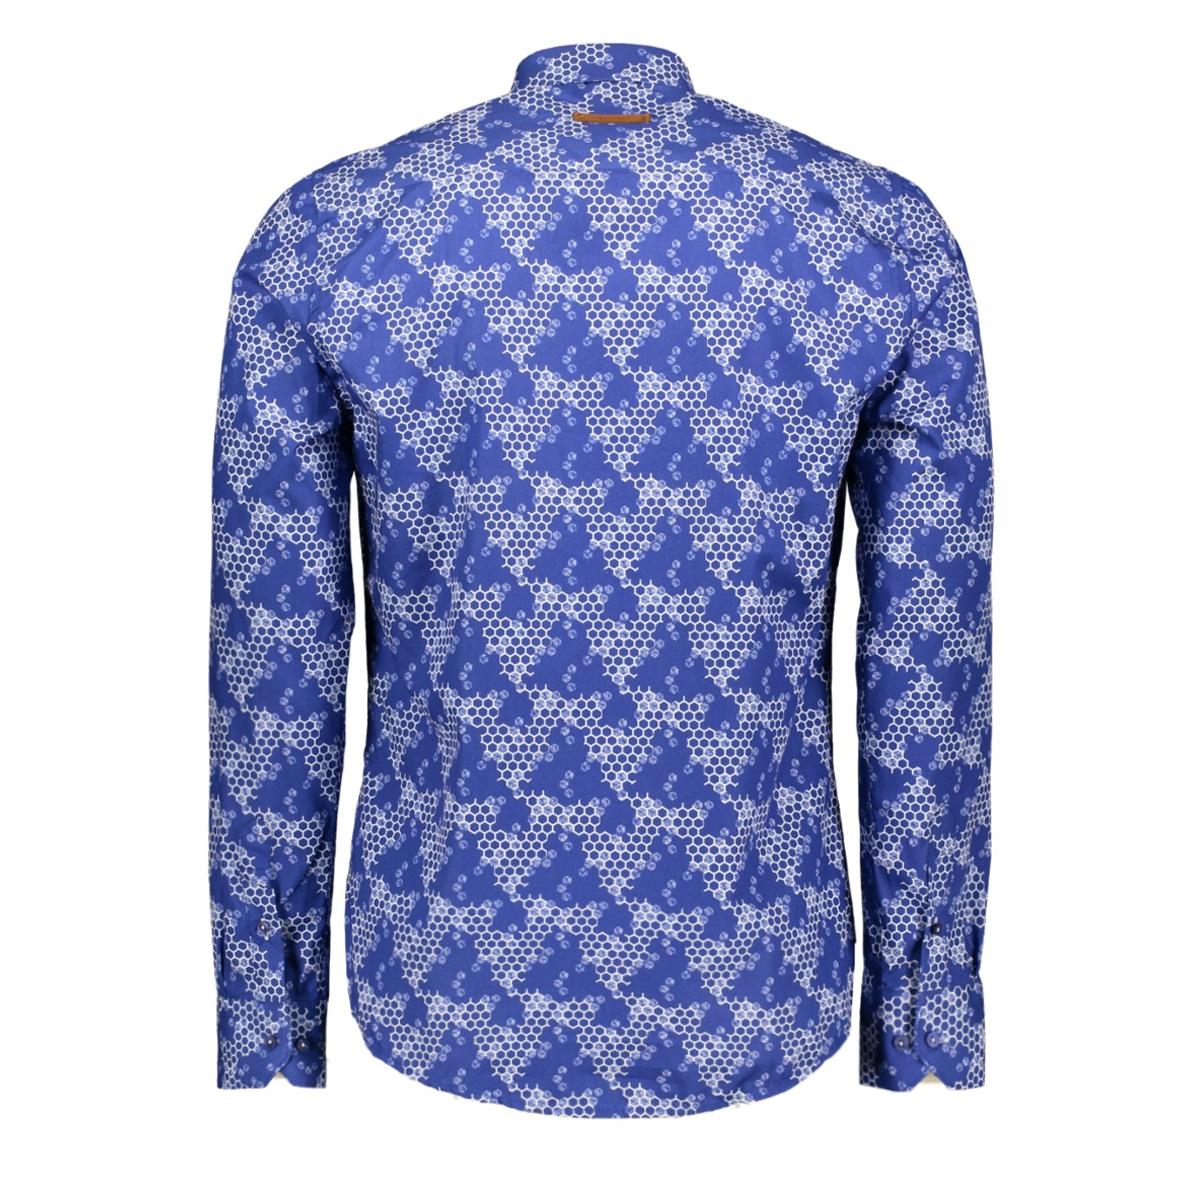 32620 gabbiano overhemd v1